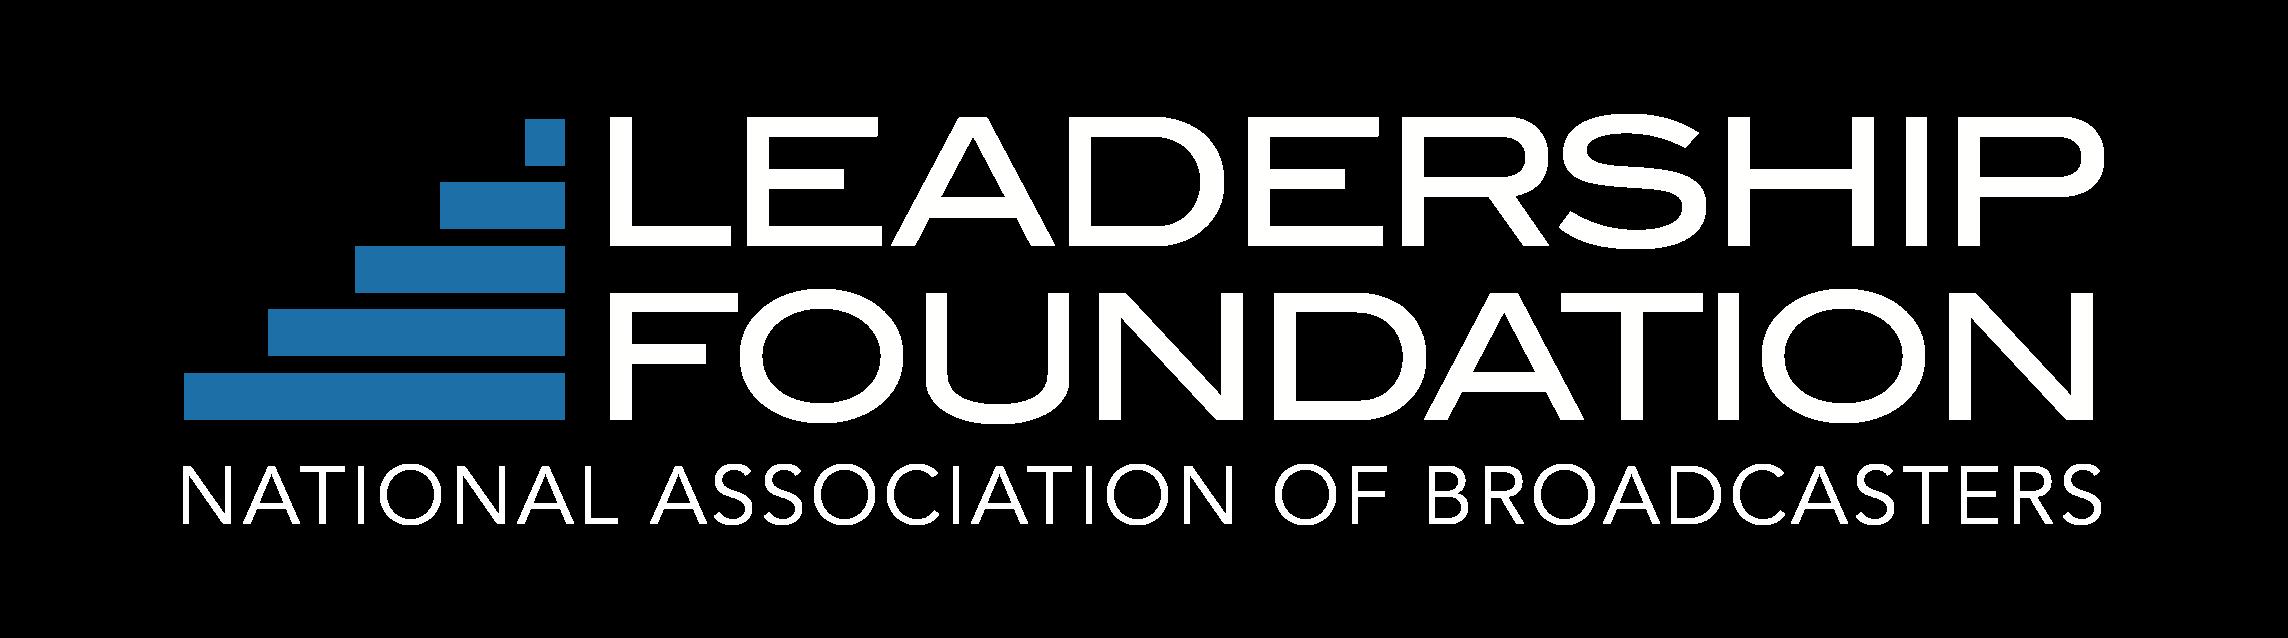 NAB Leadership Foundation.